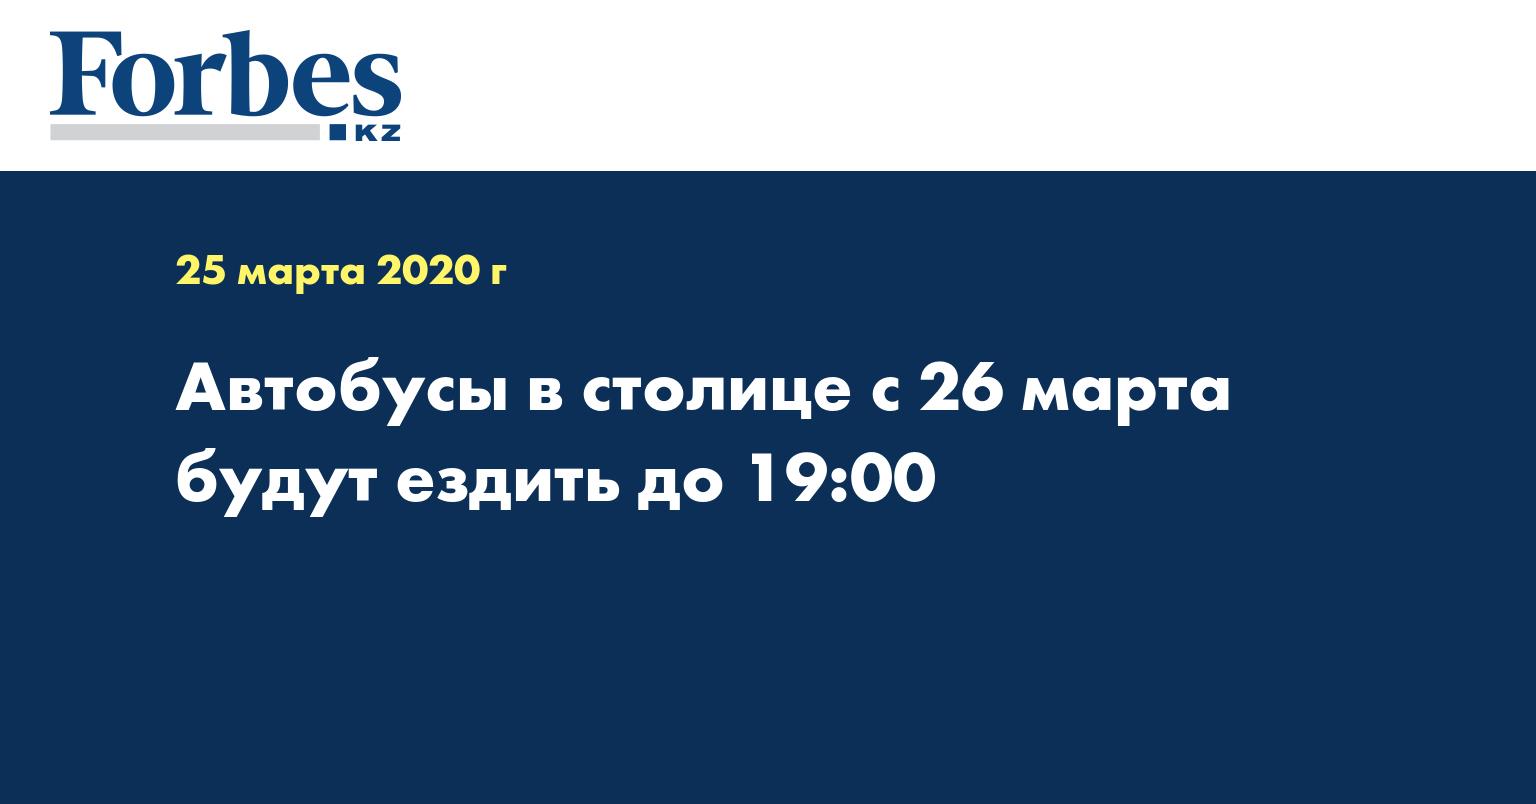 Автобусы в столице с 26 марта будут ездить до 19:00